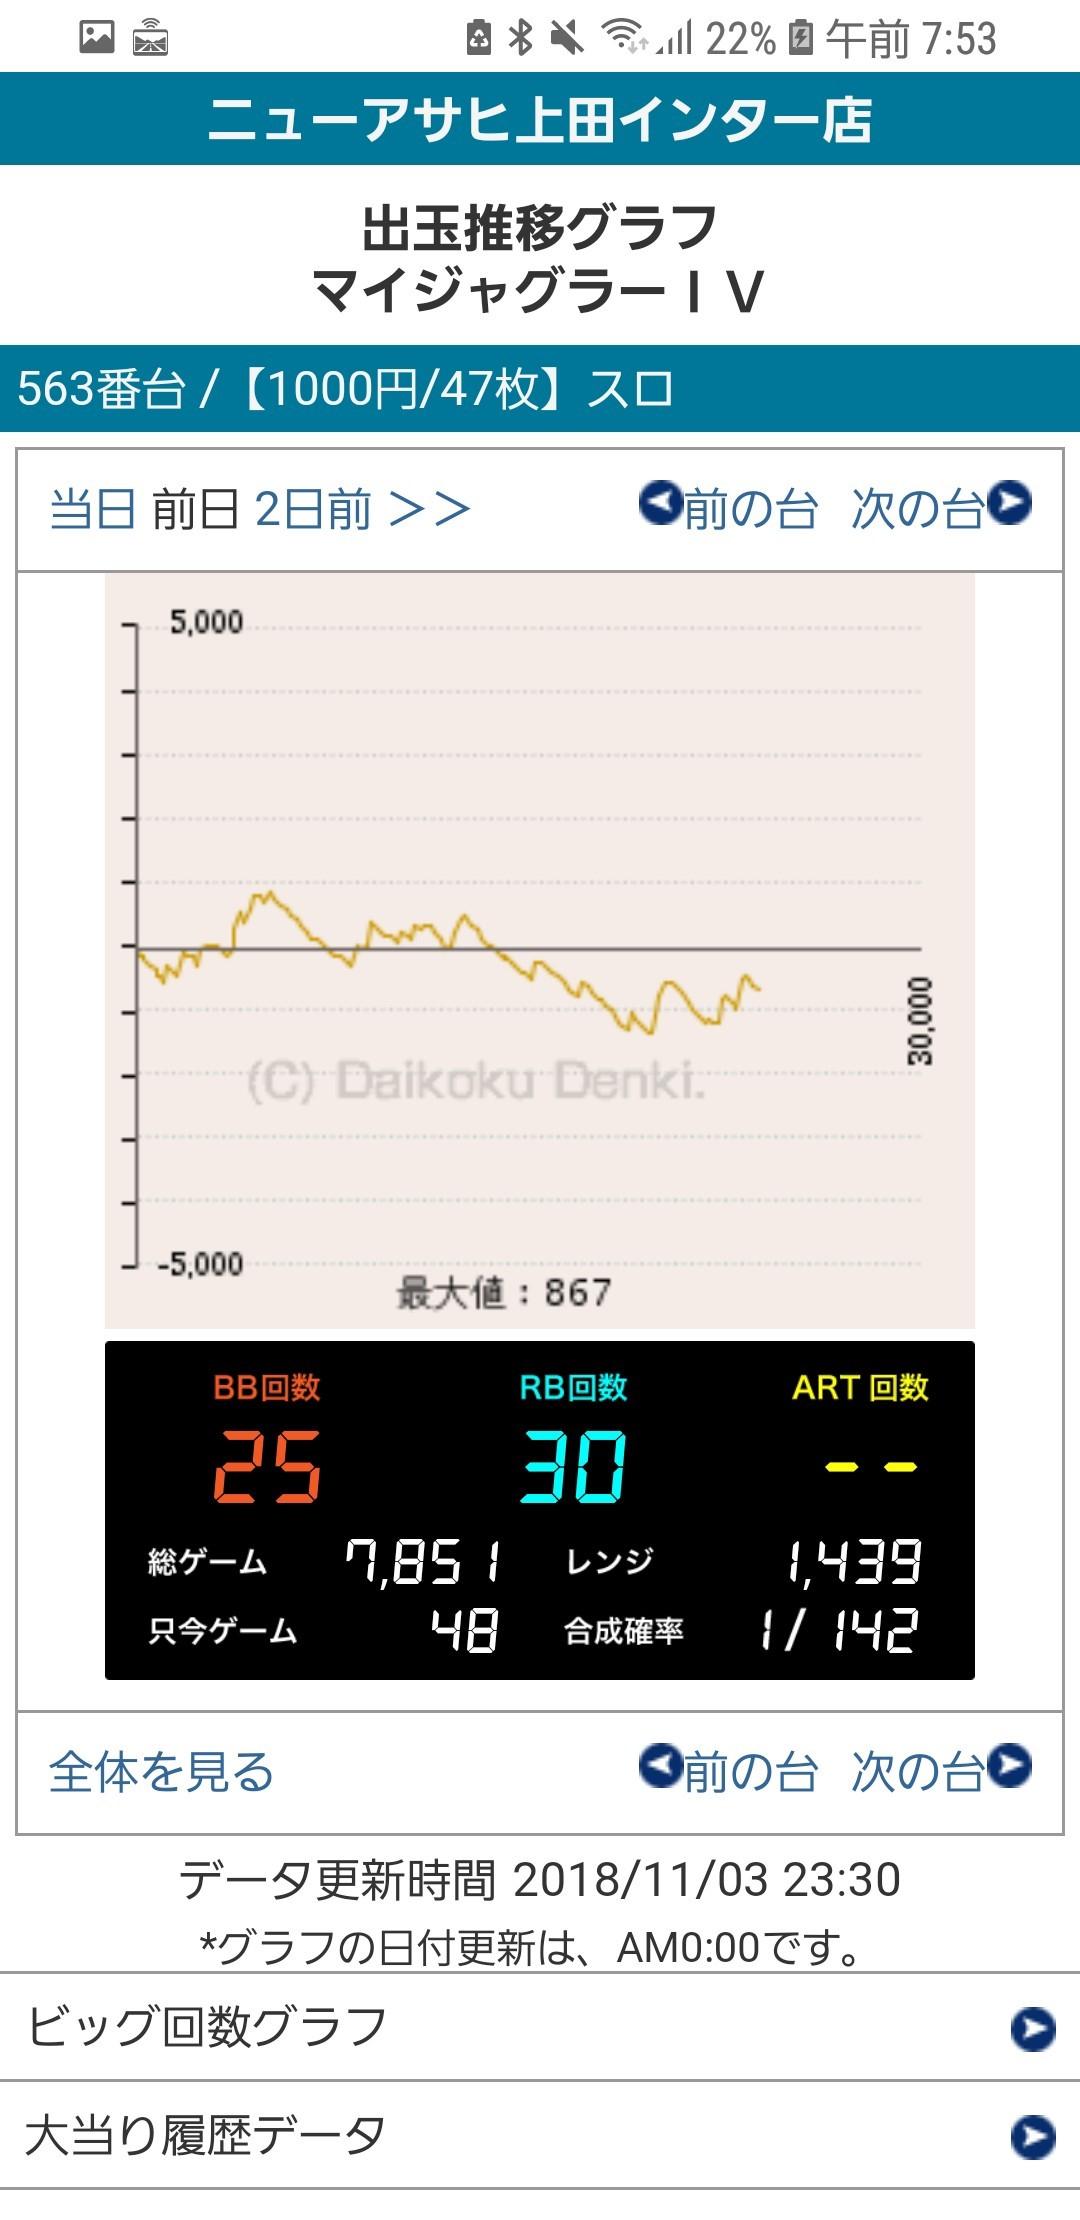 第411回ハズセレ(ニューアサヒ上田インター店)最終報告